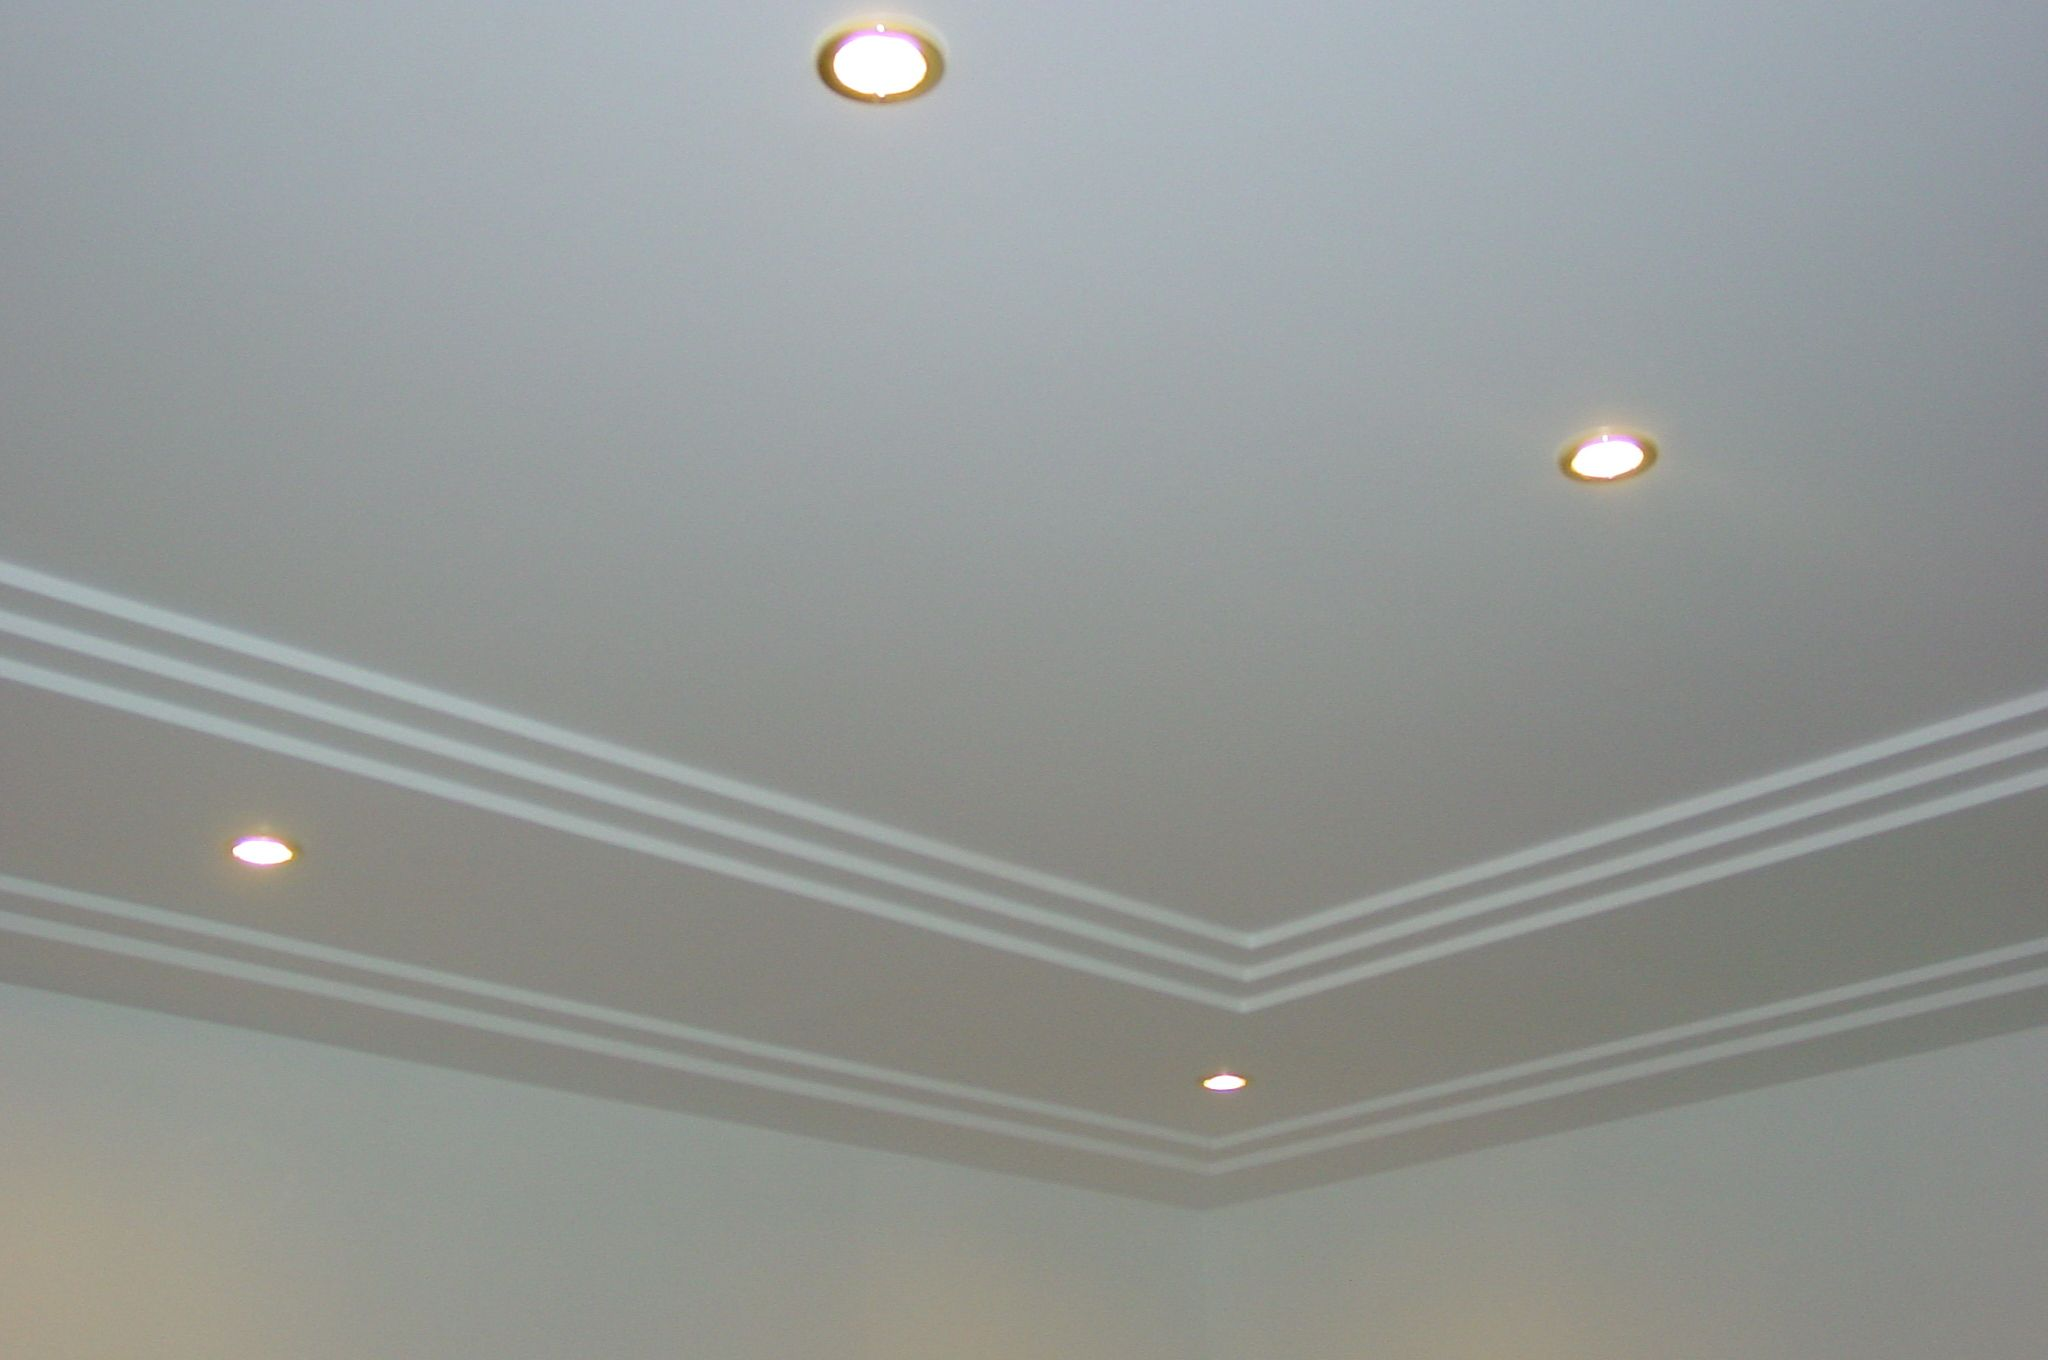 Goulotte Pour Plafond détail d'un plafond staff décor de l'hôtel ritz carlton de